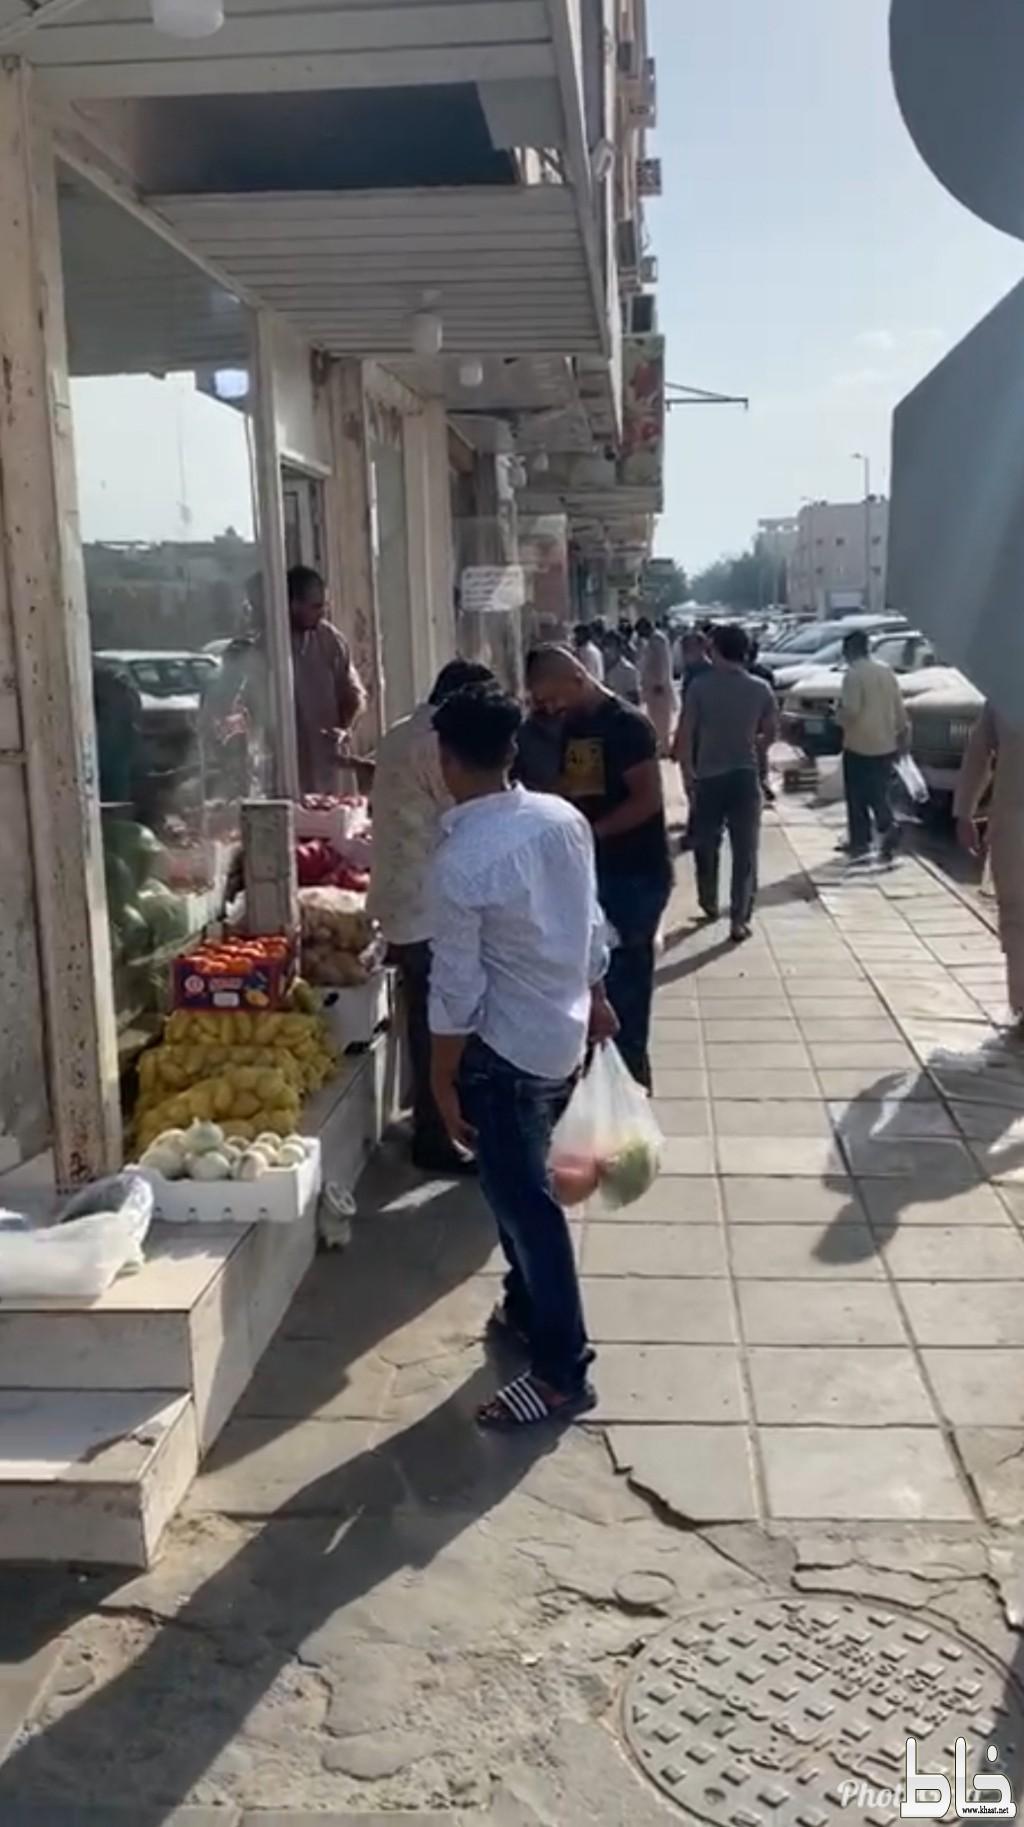 في اول ايام رمضان:  خطر كورونا يتجول في اسواق الخضار والفواكة بمدينة الثقبة بالمنطقة الشرقية